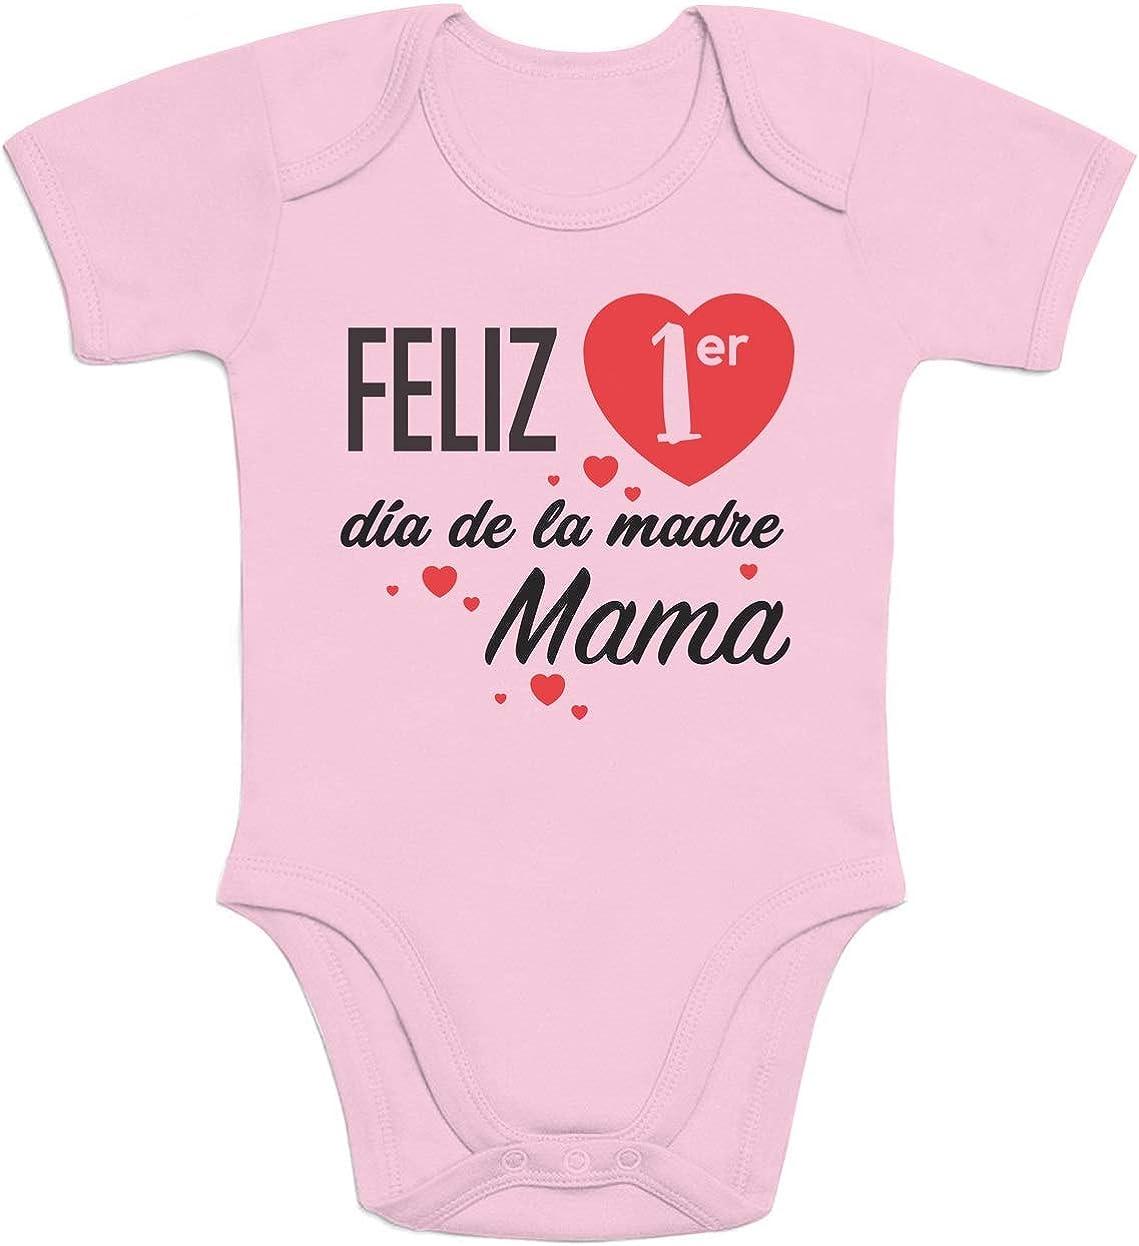 Body de Manga Corta para bebé - Regalo Feliz Primer Mamá día de la Madre